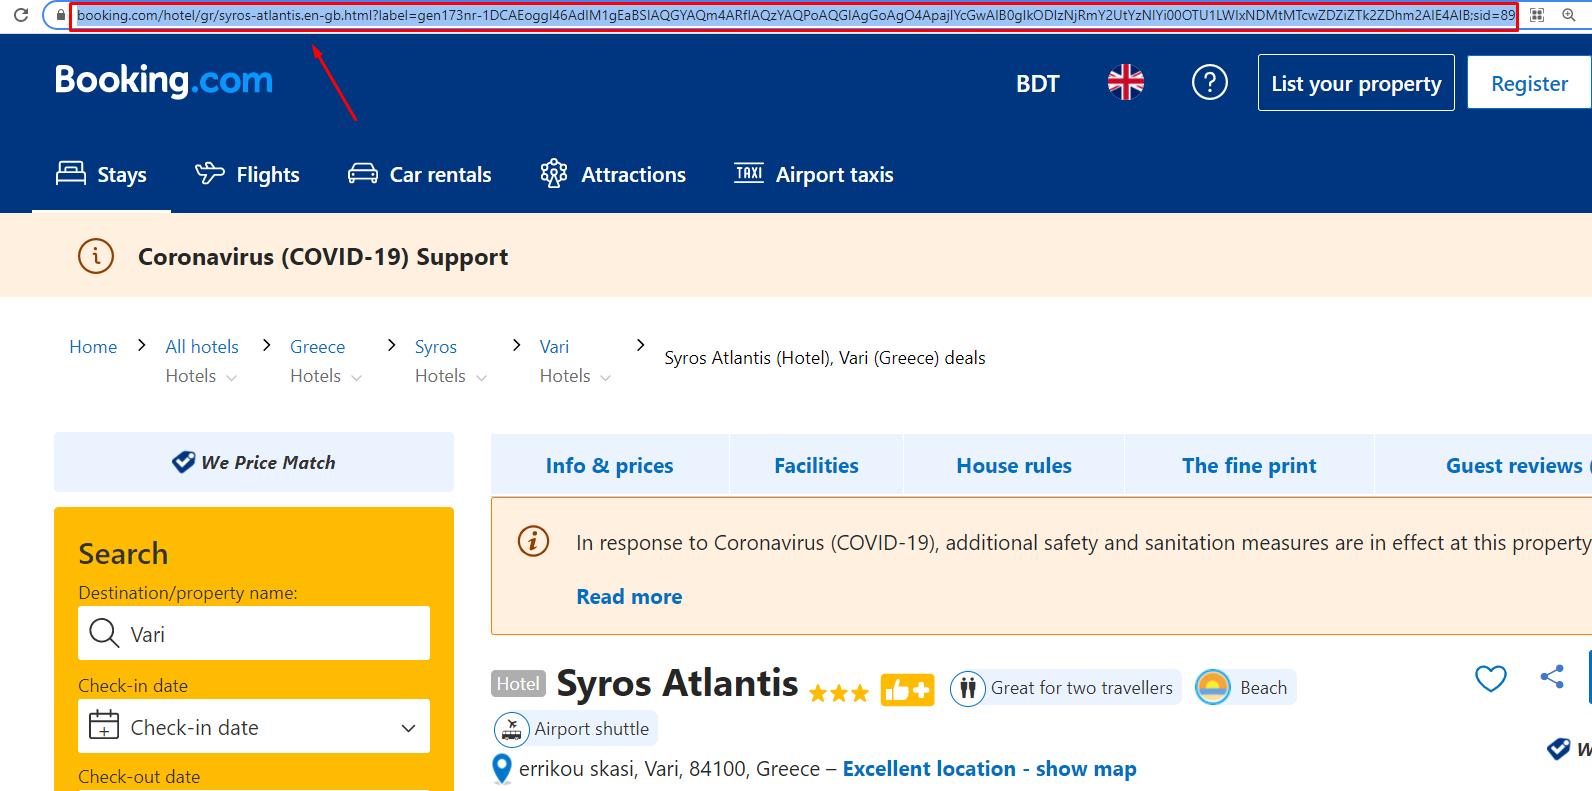 booking.com reviews URL